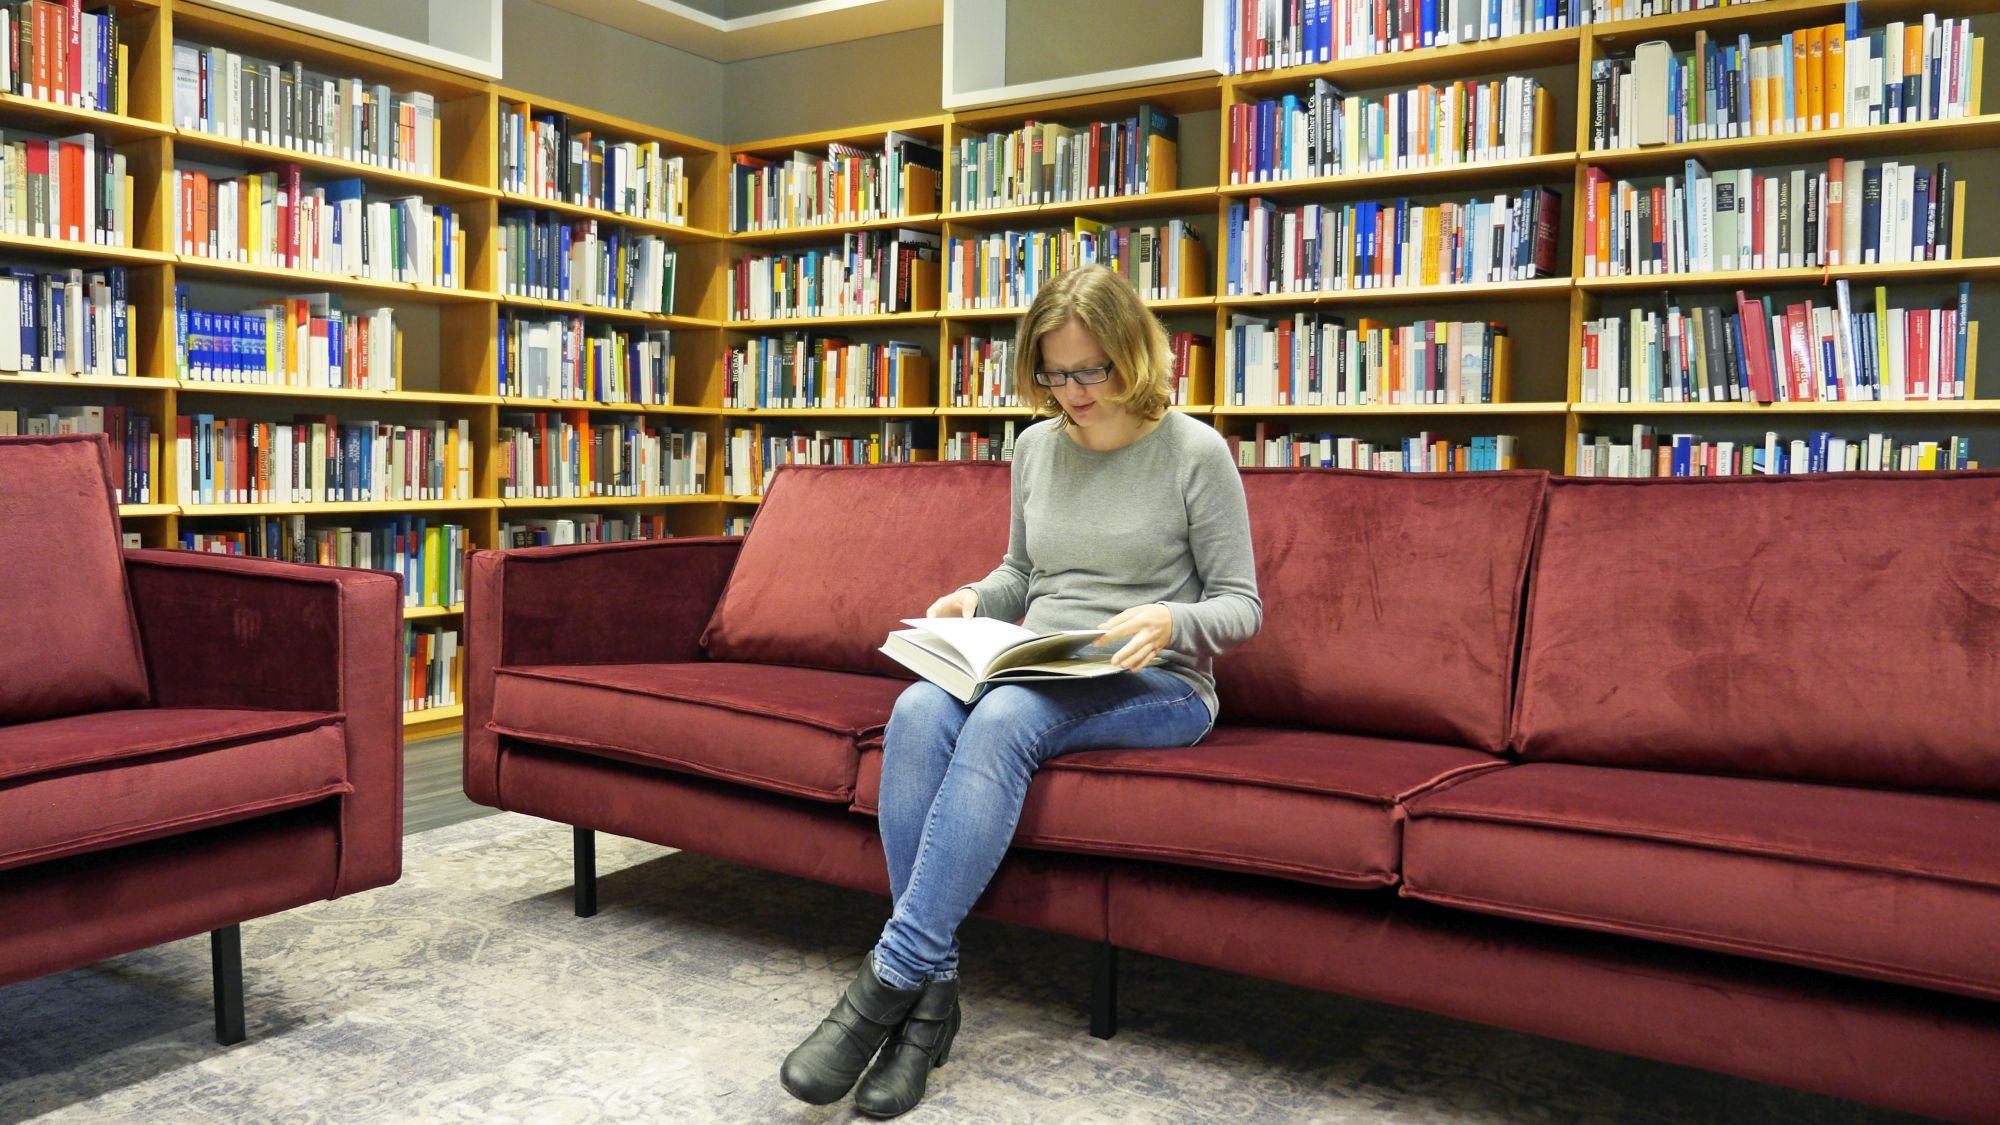 Eine Besucherin sitzt auf einem gemütlichen Sofa und liest